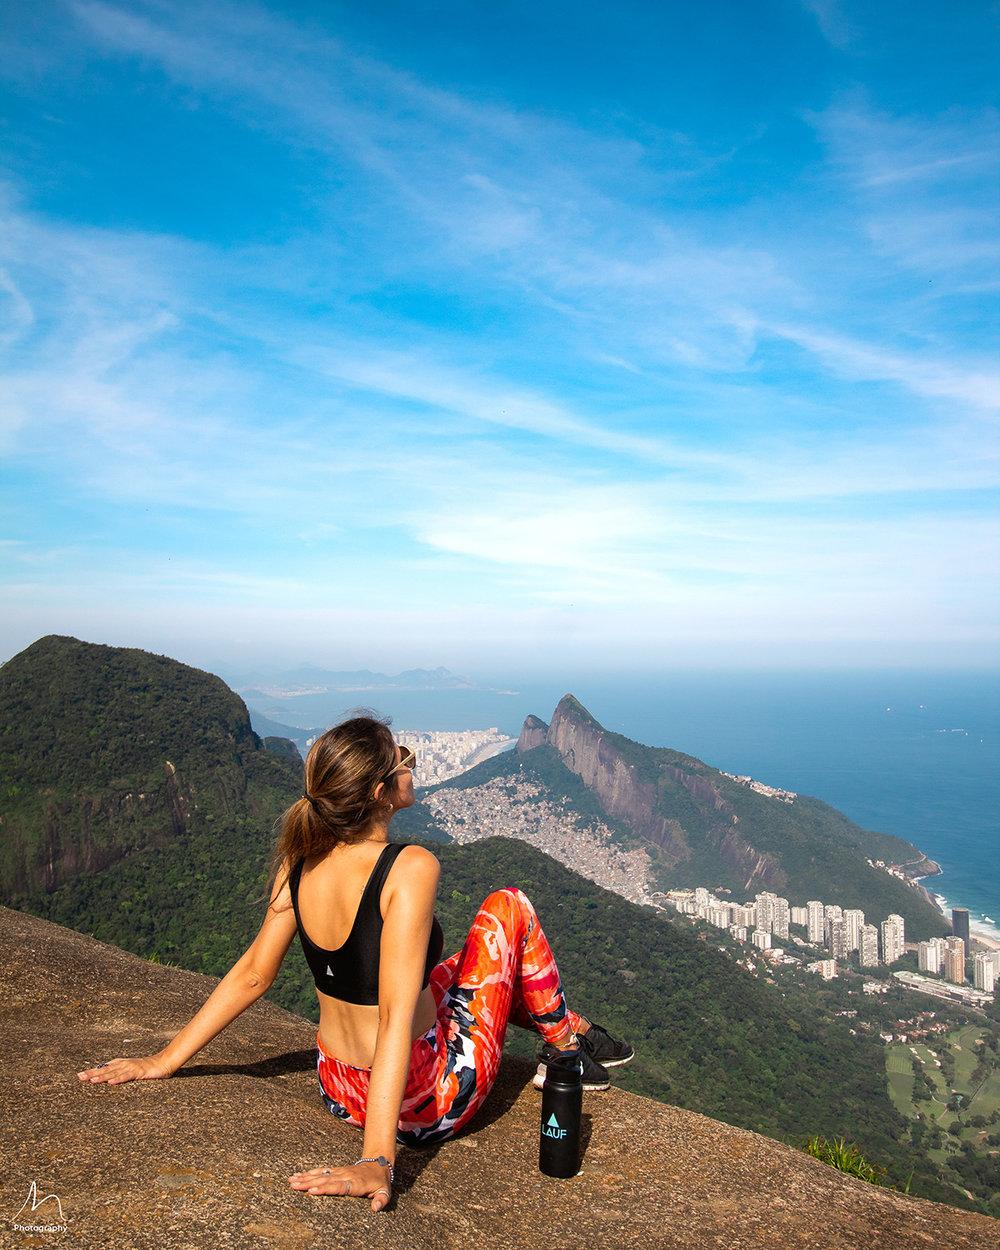 TRILHA-PEDRA-BONITA-RIO-01.jpg